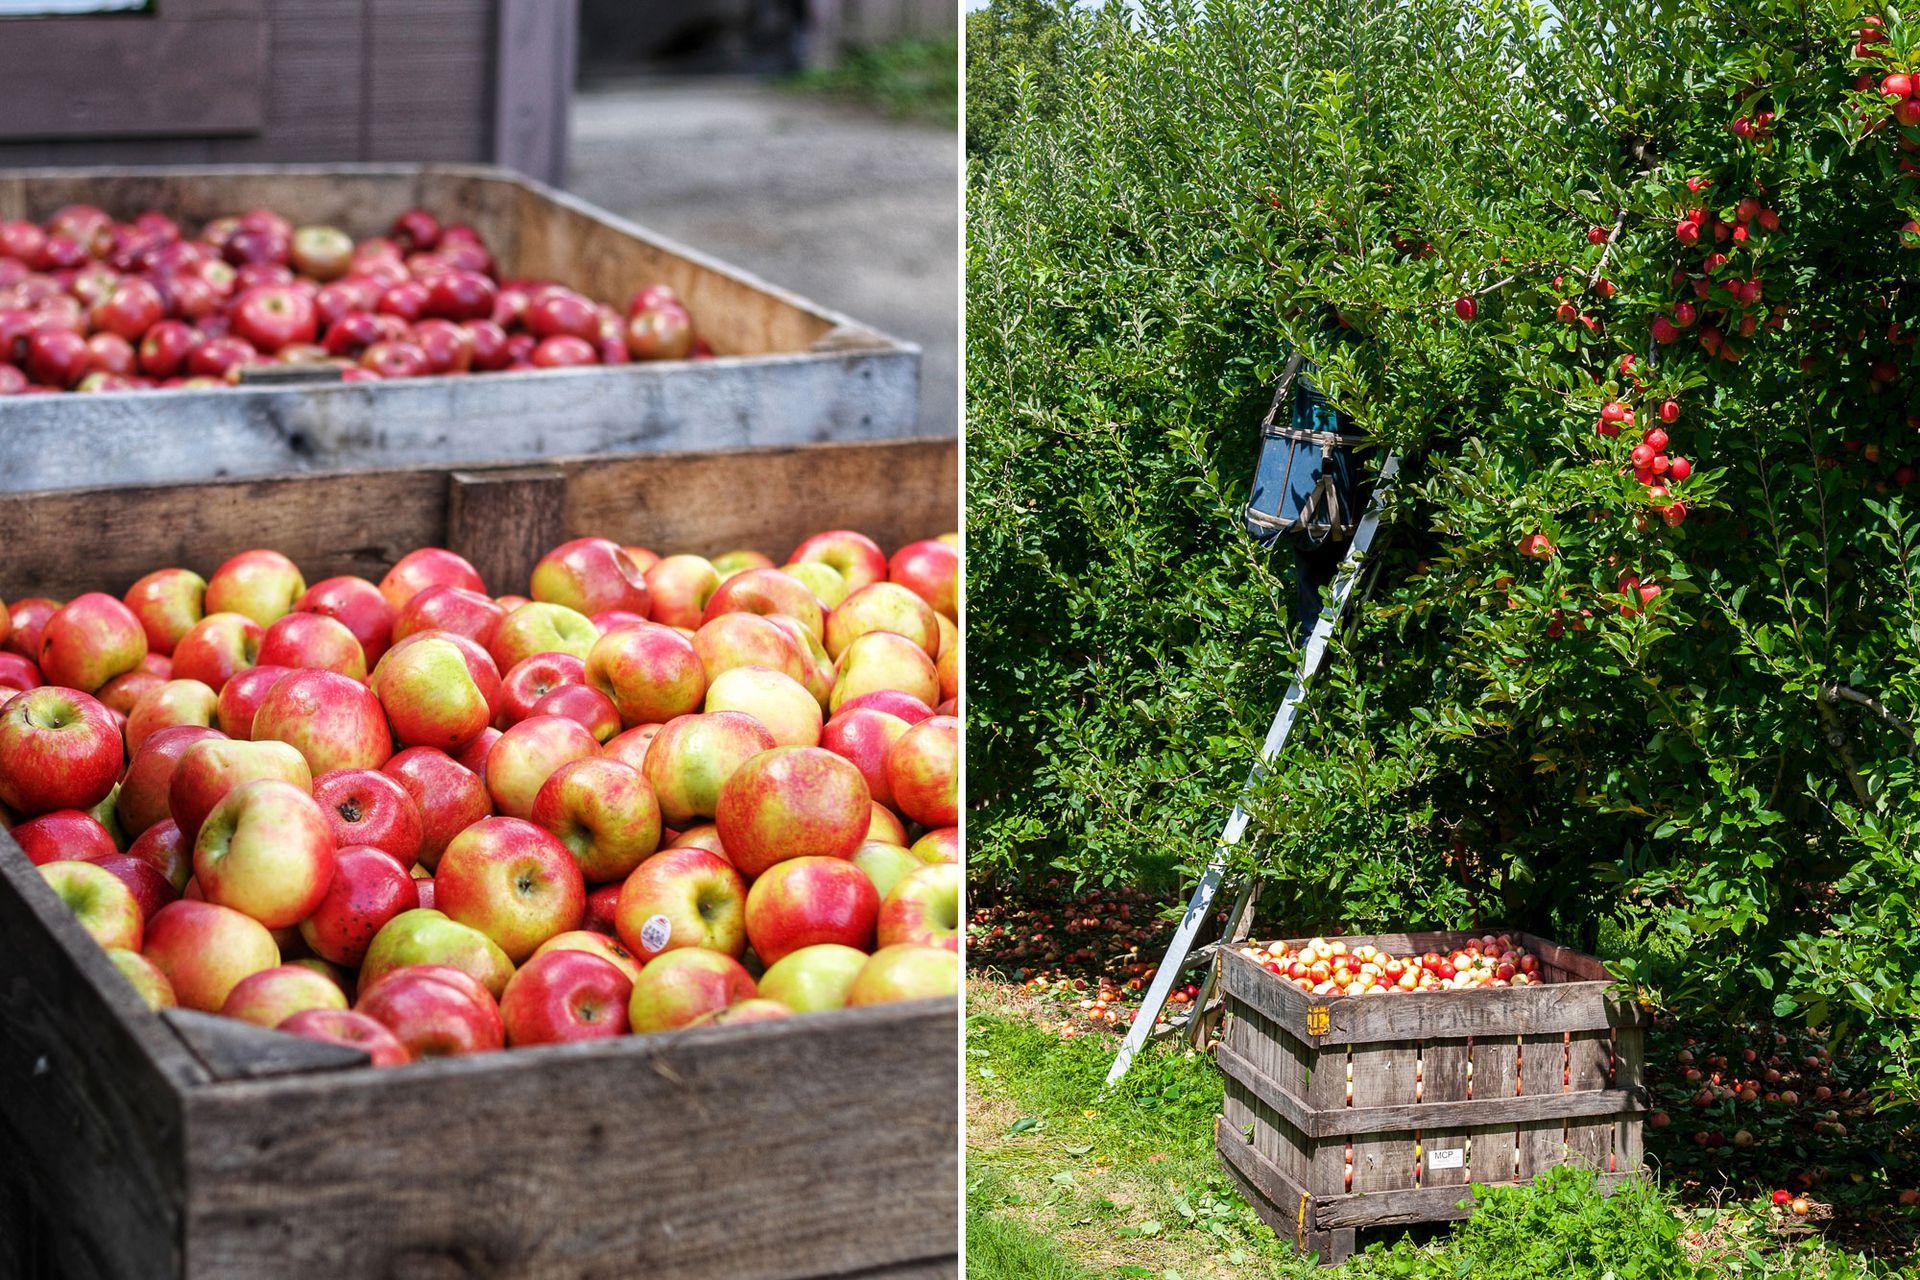 La cosecha de manzanas, fruto del árbol Malus domestica, se realiza entre el verano y el otoño, mientras que la plantación debe realizarse entre el otoño y el invierno.